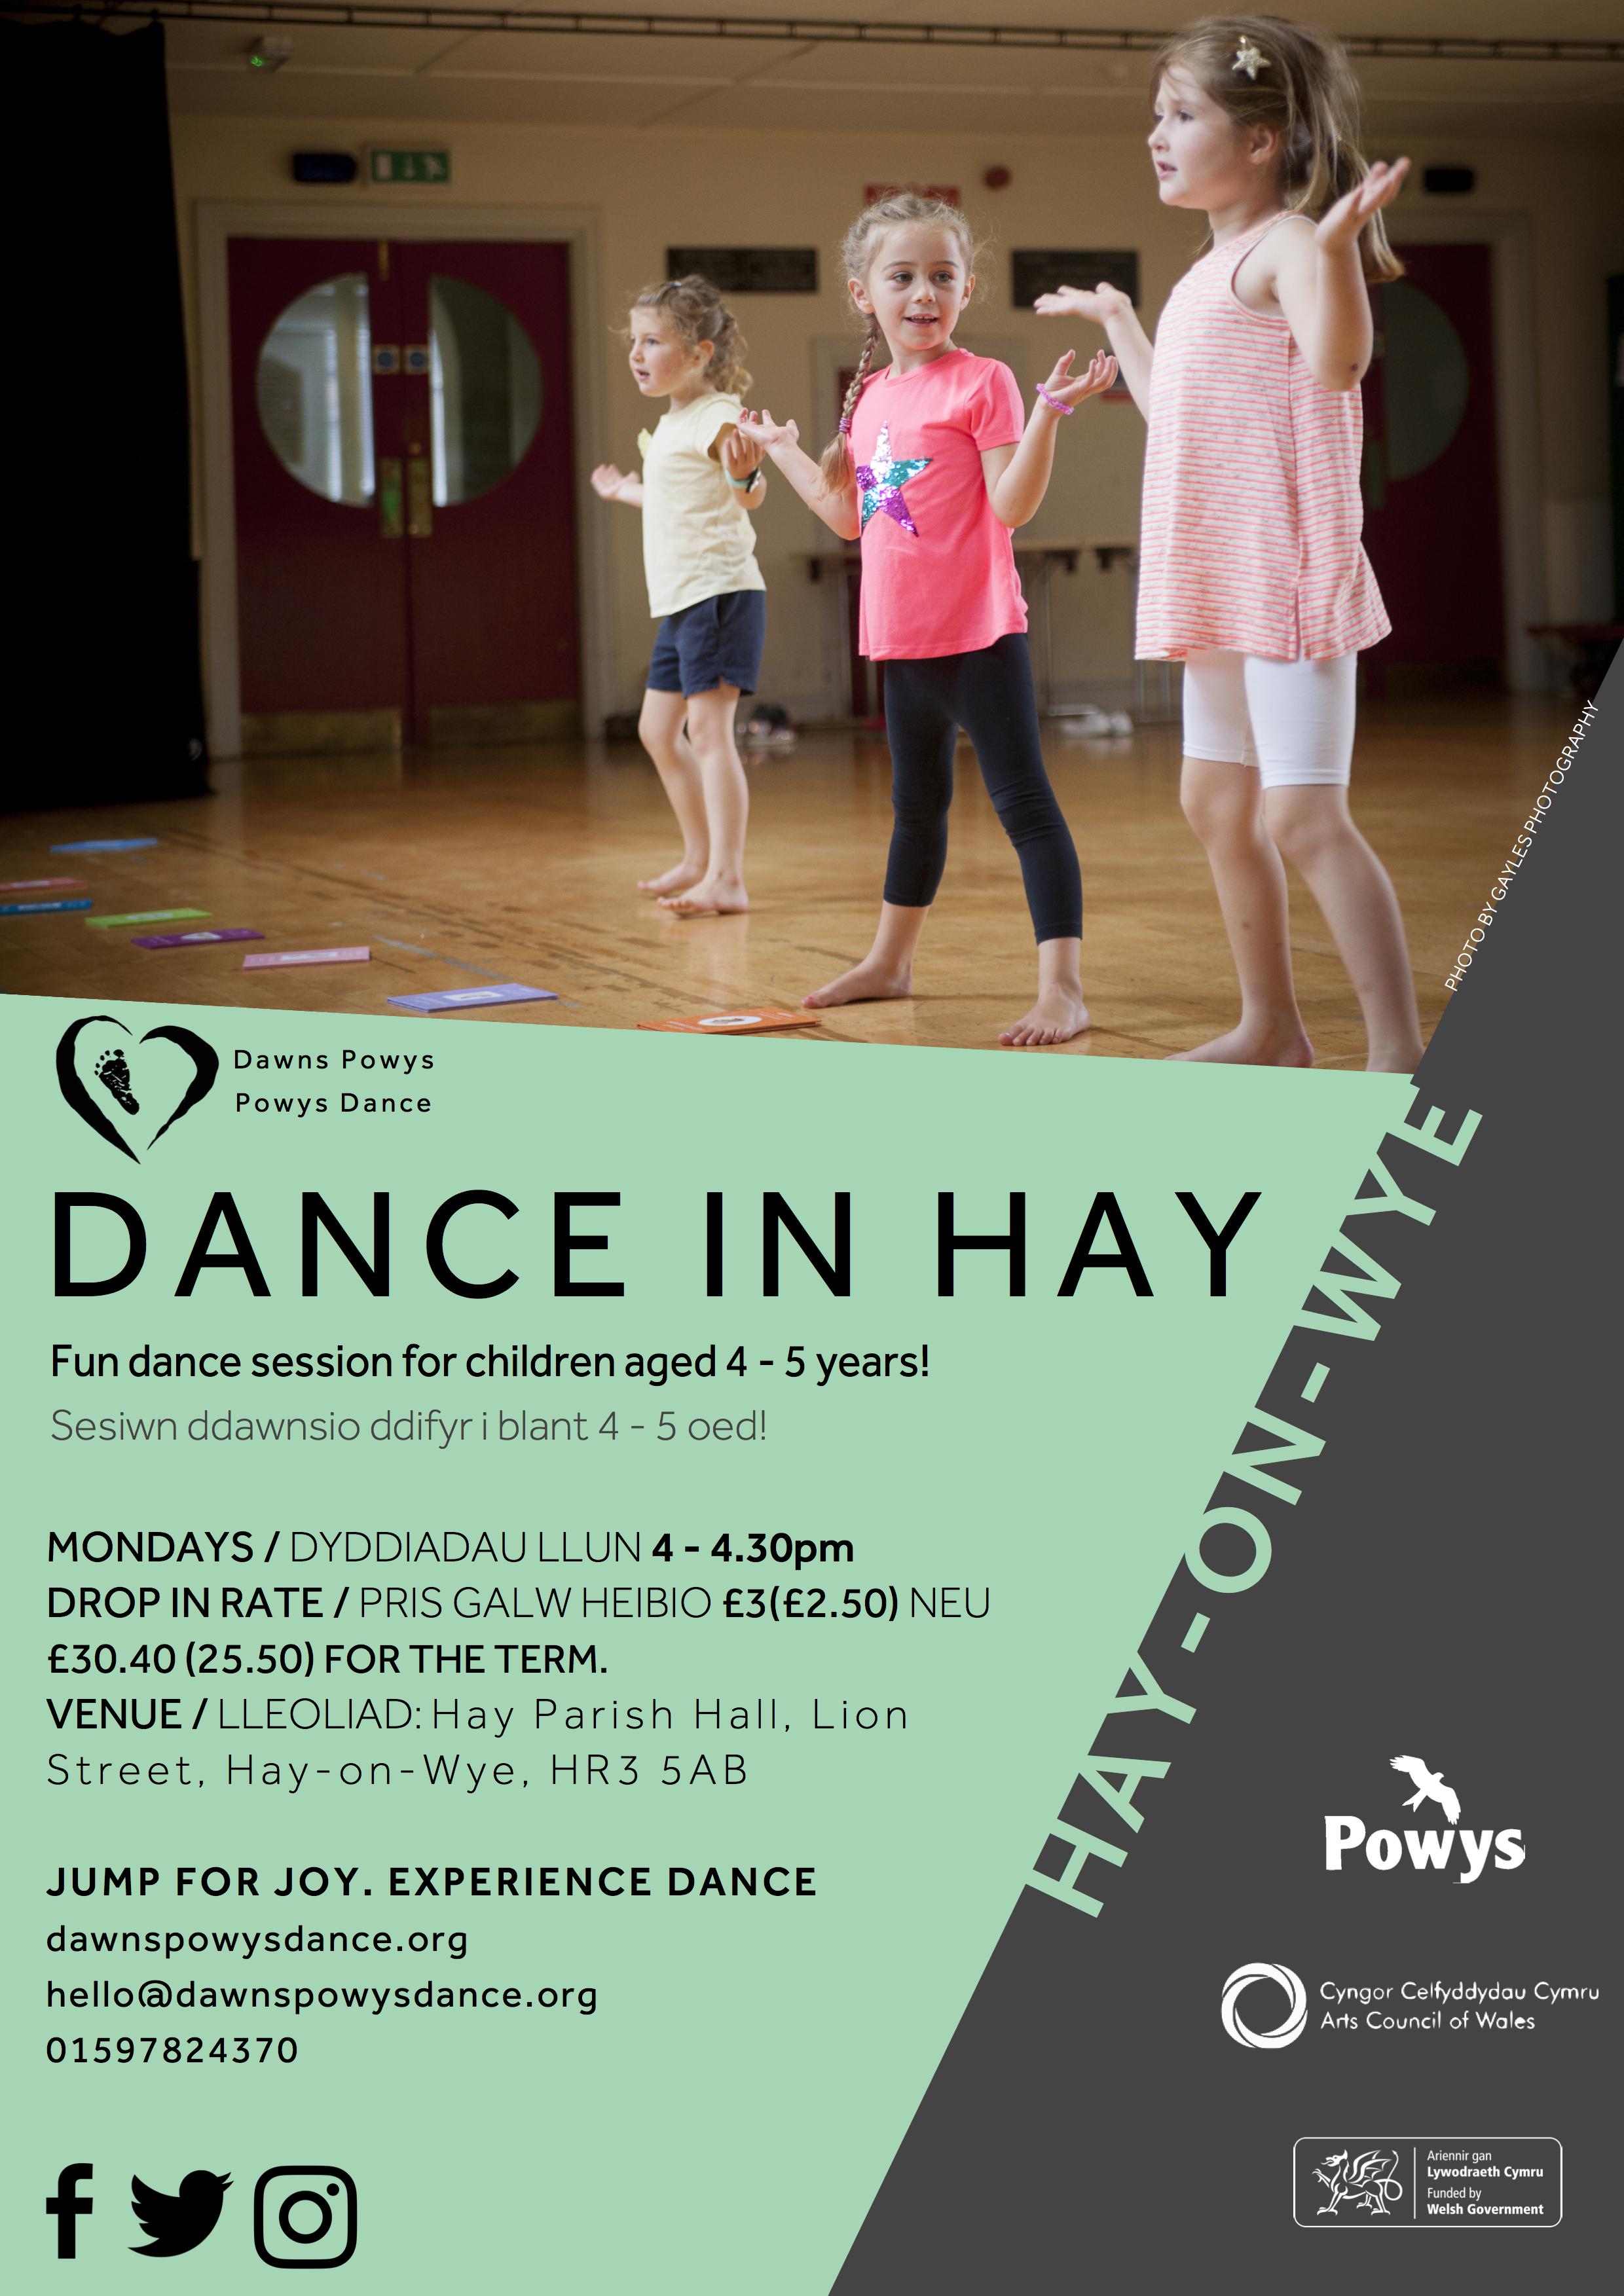 Dance in Hay 2019 4 - 5 years.jpg